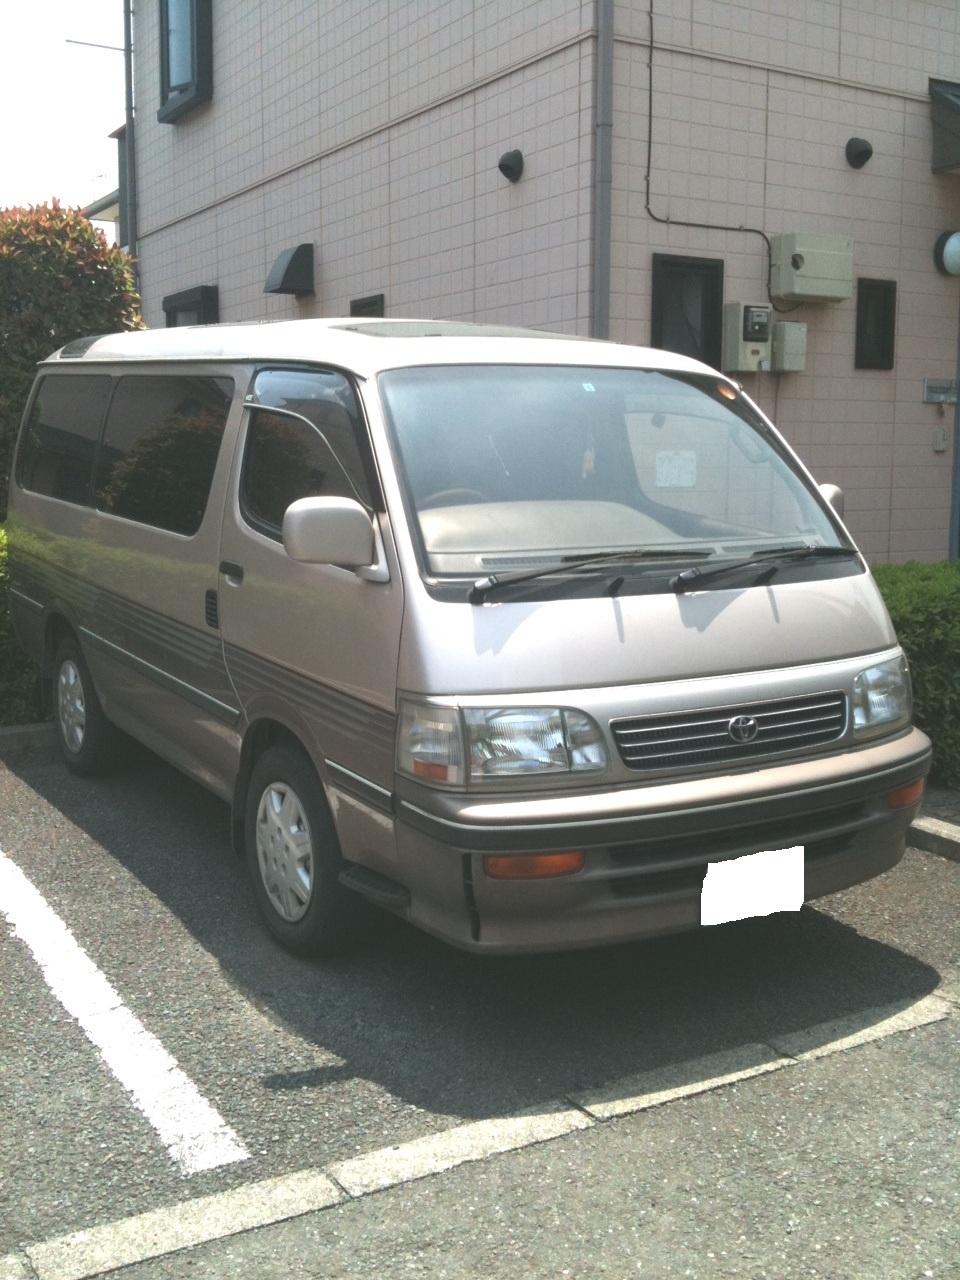 車市場 (有)松本自動車整備工場の売却実績写真